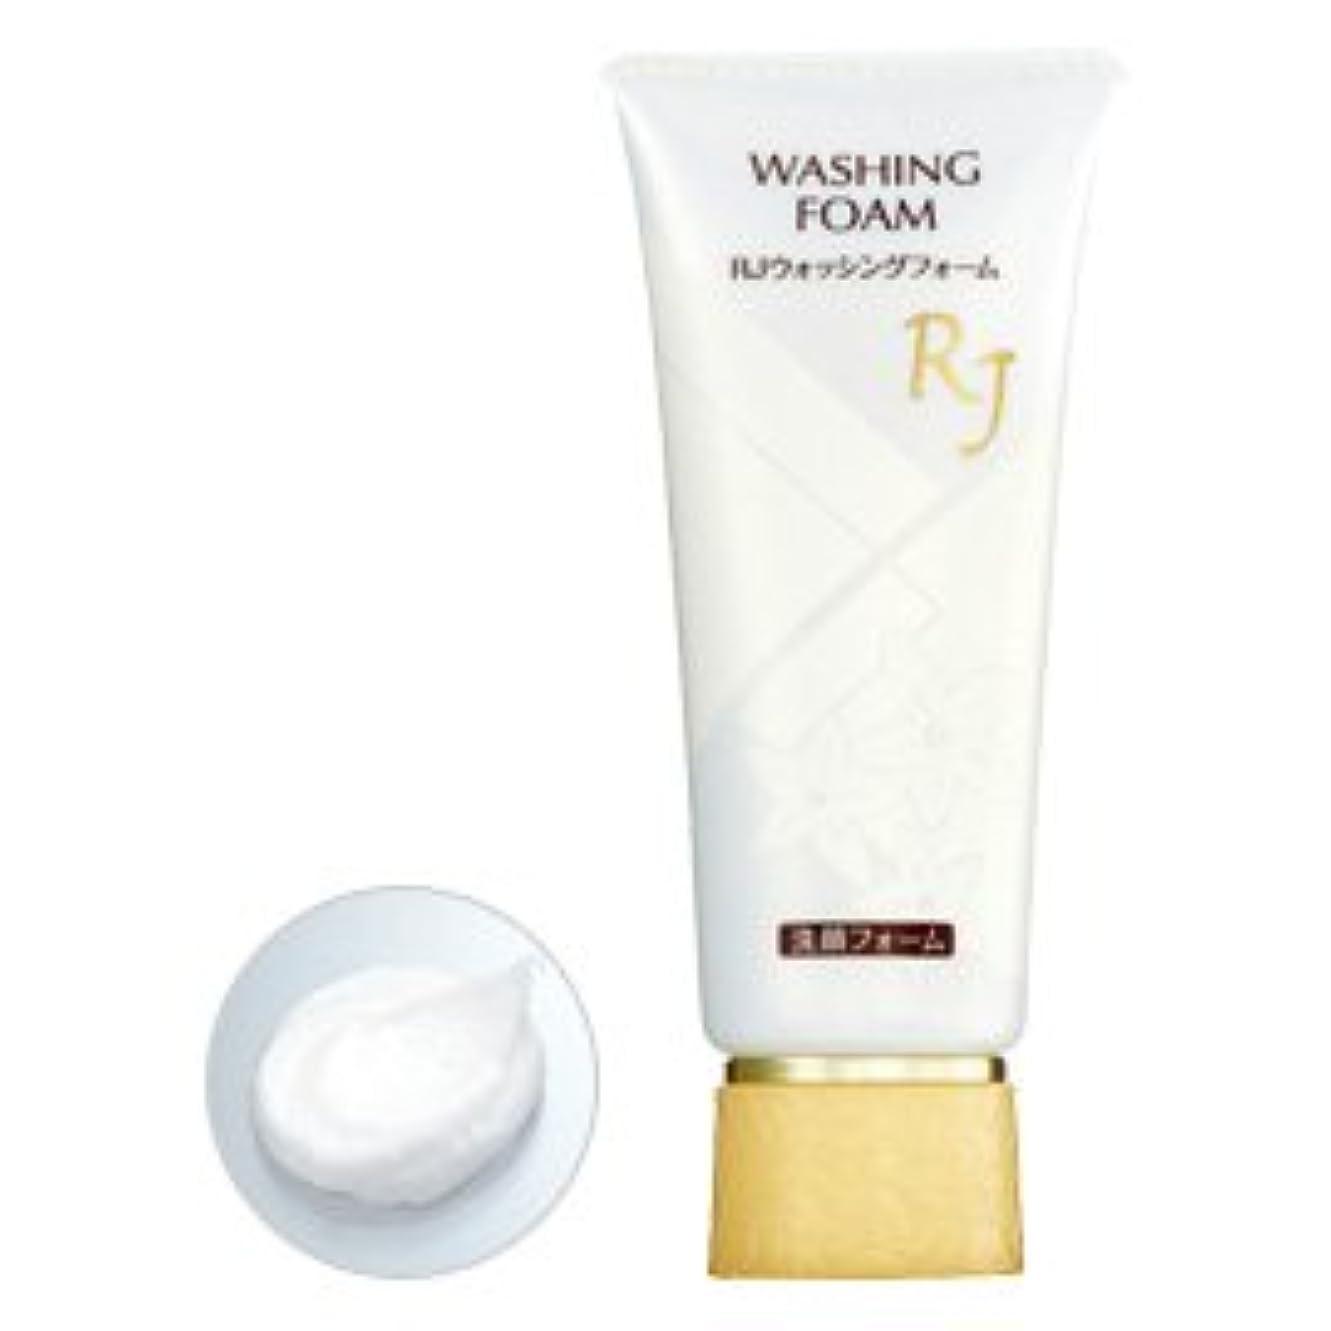 人物カテゴリーポケットRJウォッシング(洗顔) フォーム 100g / RJ face wash <100g>